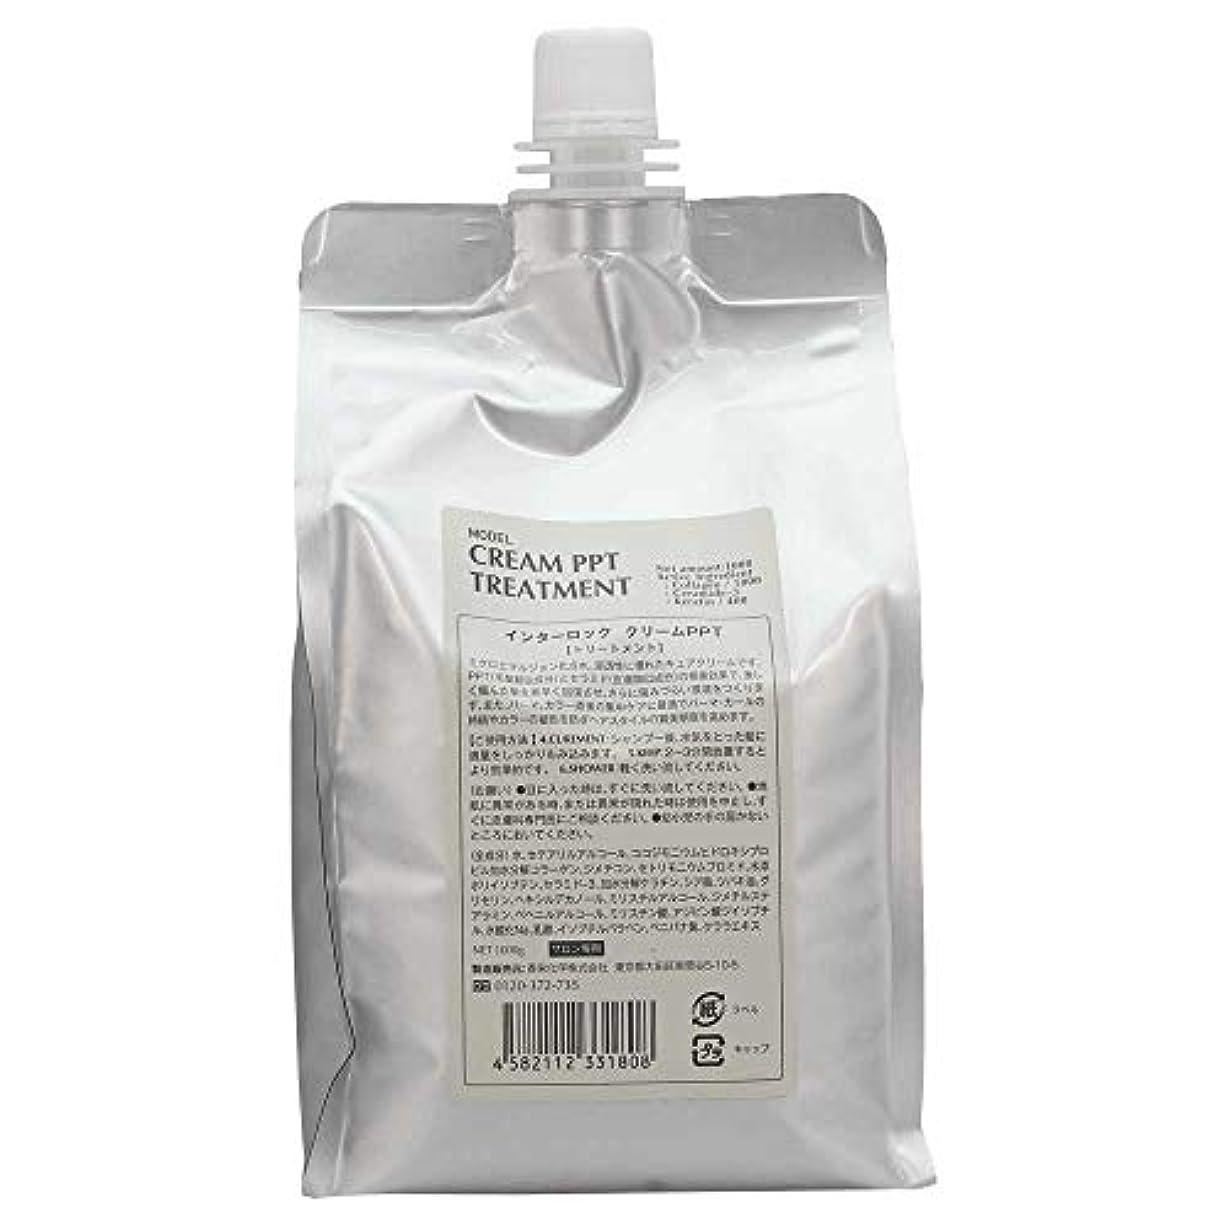 一貫性のないいたずらなストラップ香栄化学 クリームPPT トリートメント レフィル 1000g